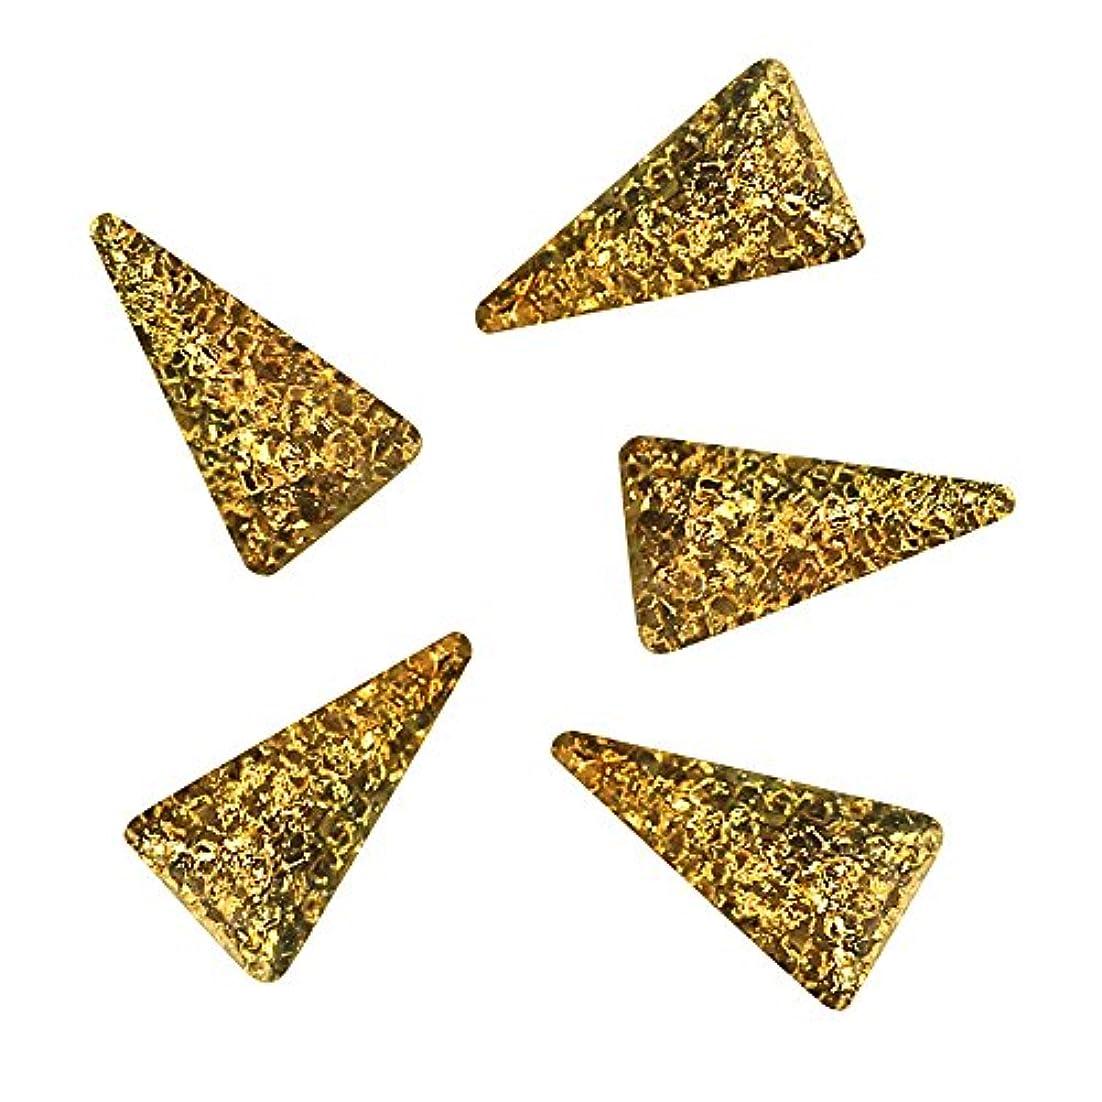 よろしくカルシウム増幅するBonnail ラフスタッズゴールド ロングトライアングル3×2mm